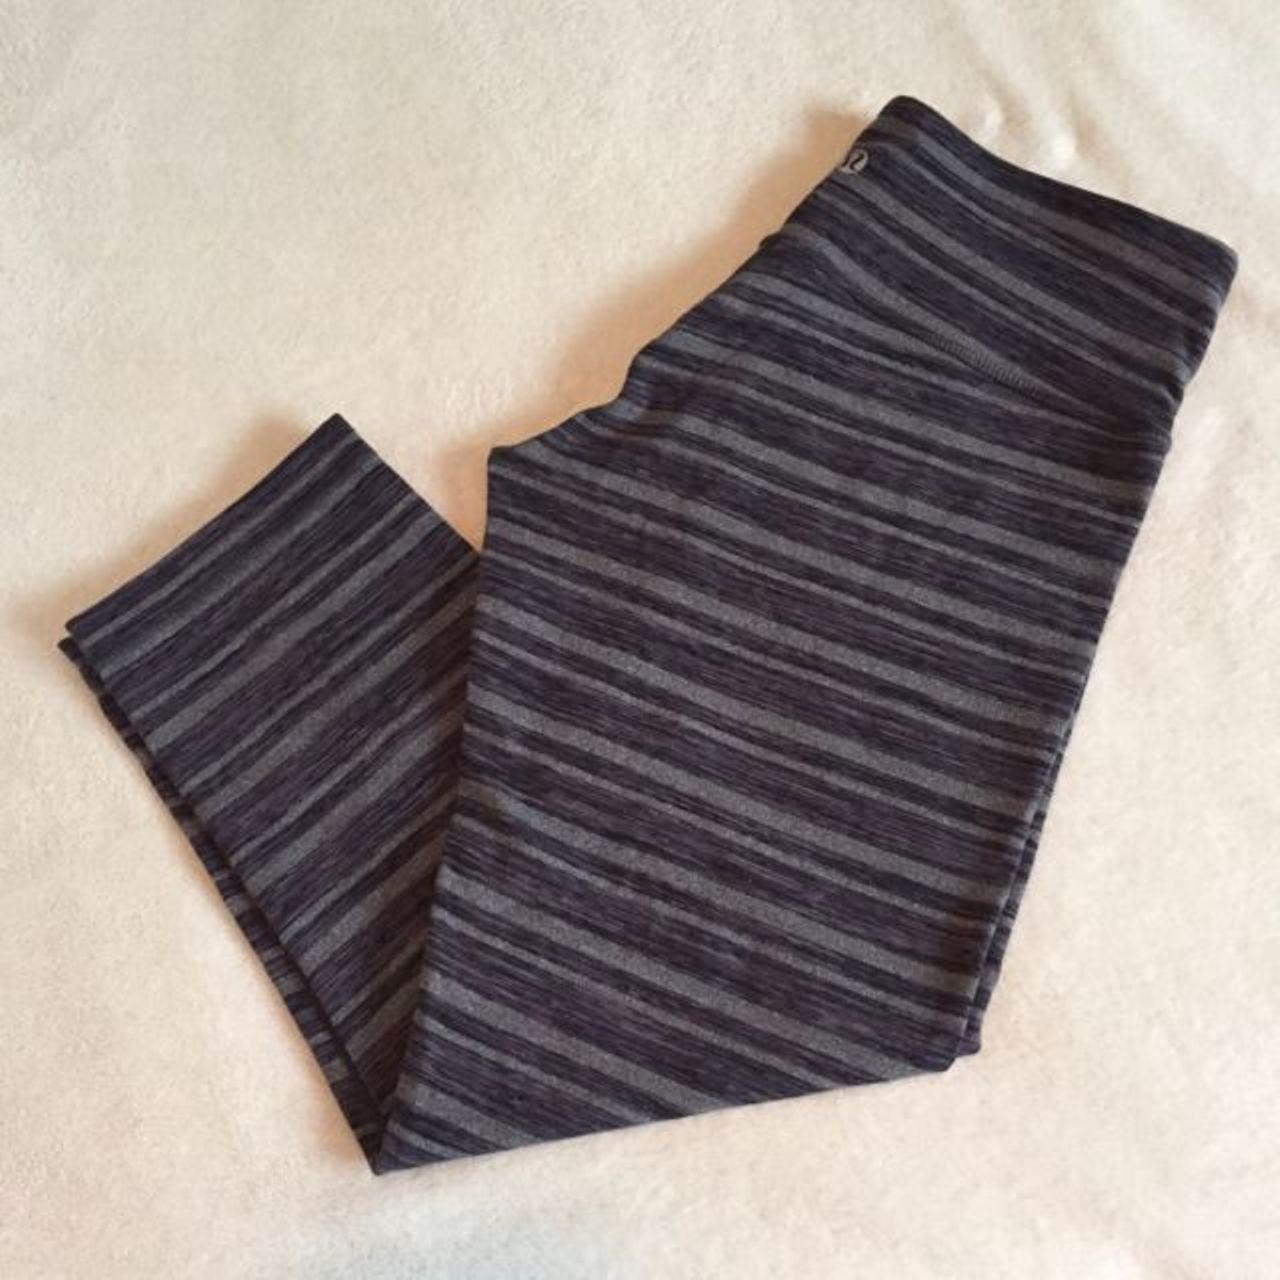 Lululemon Wunder Under Crop - Black Stripes Galore /  Black